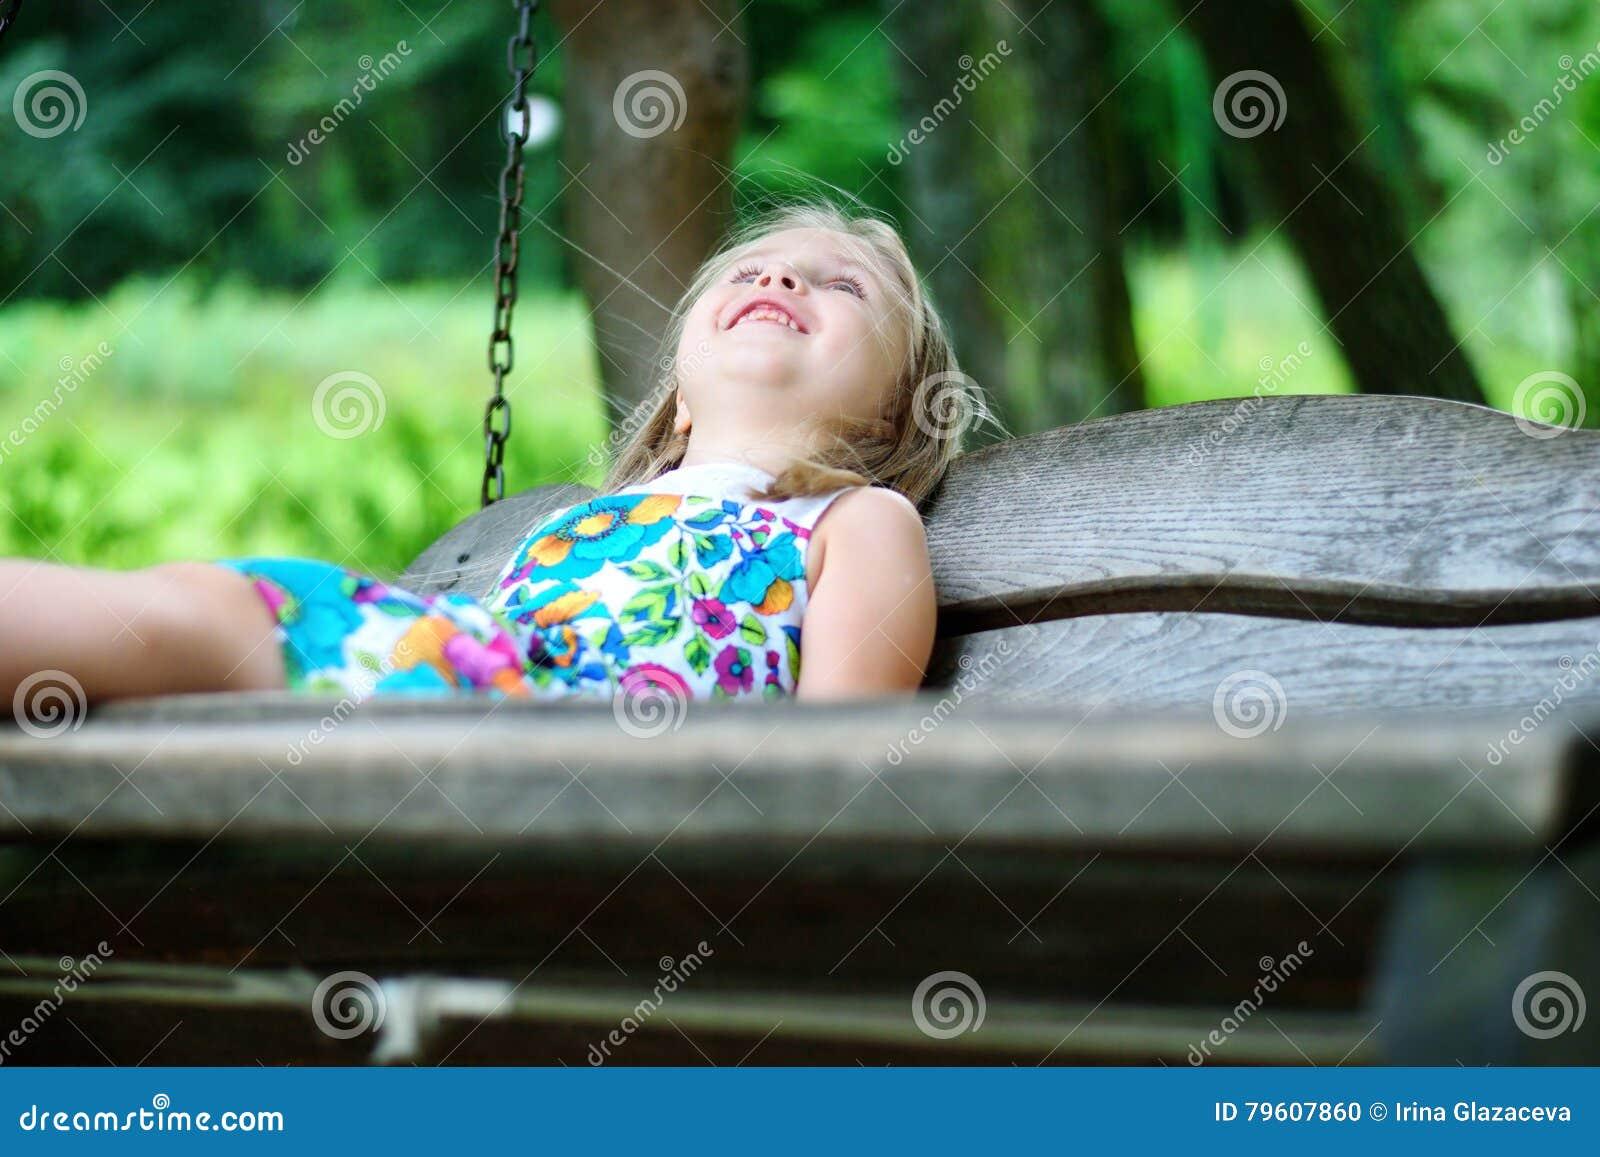 Menina adorável que tem o divertimento em um balanço de madeira no dia de verão